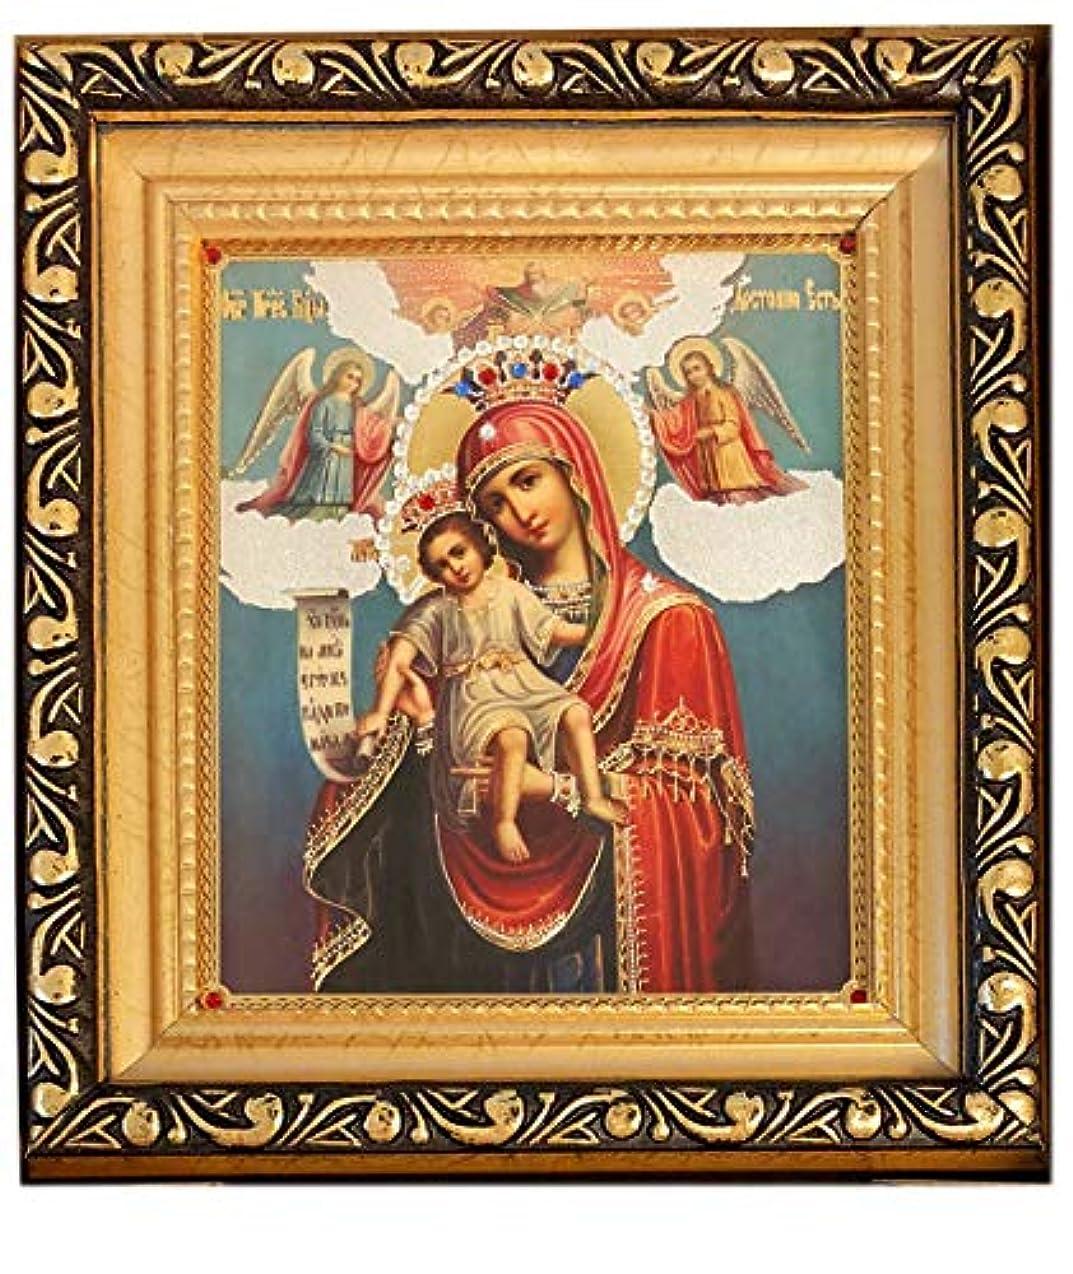 ピラミッド偏心植生アレクサンドラ?Int ' l GreekセラミックアイコンCandle Holder with Saints Decorated with 24 Kゴールド5インチ、レッド